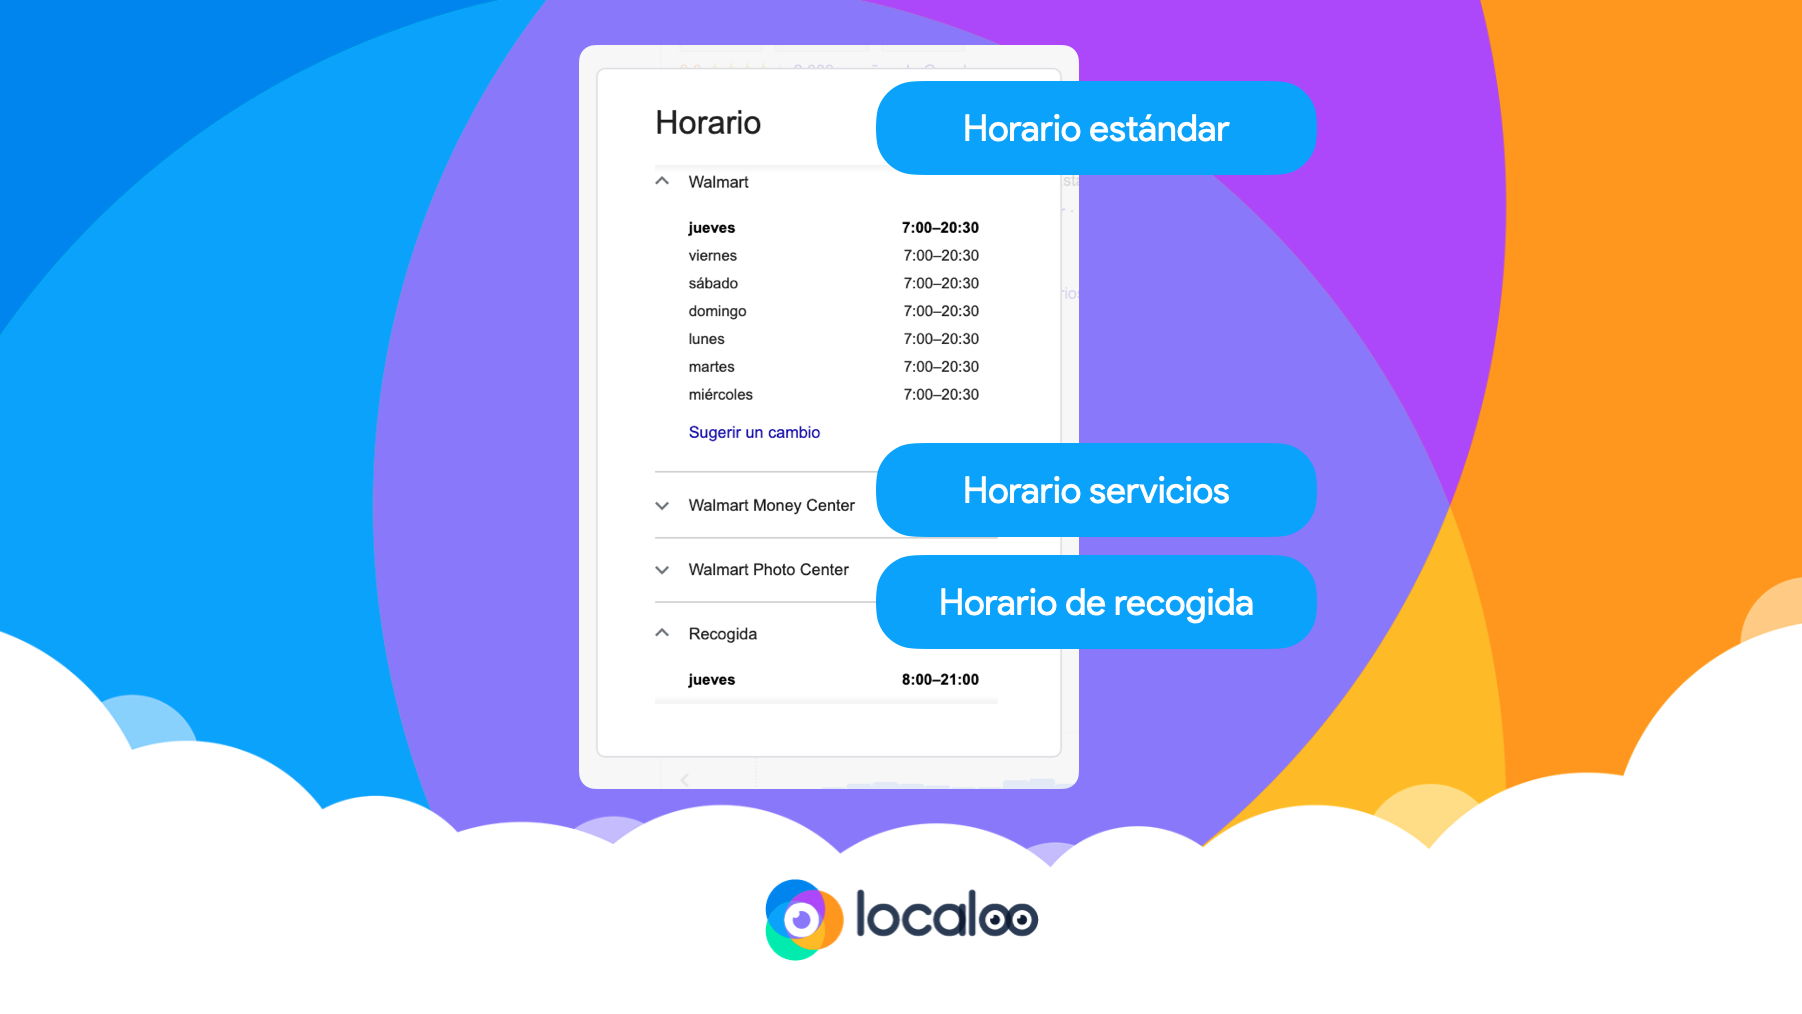 ejemplo de ficha google donde indica los diferentes horarios según los servicios indicados